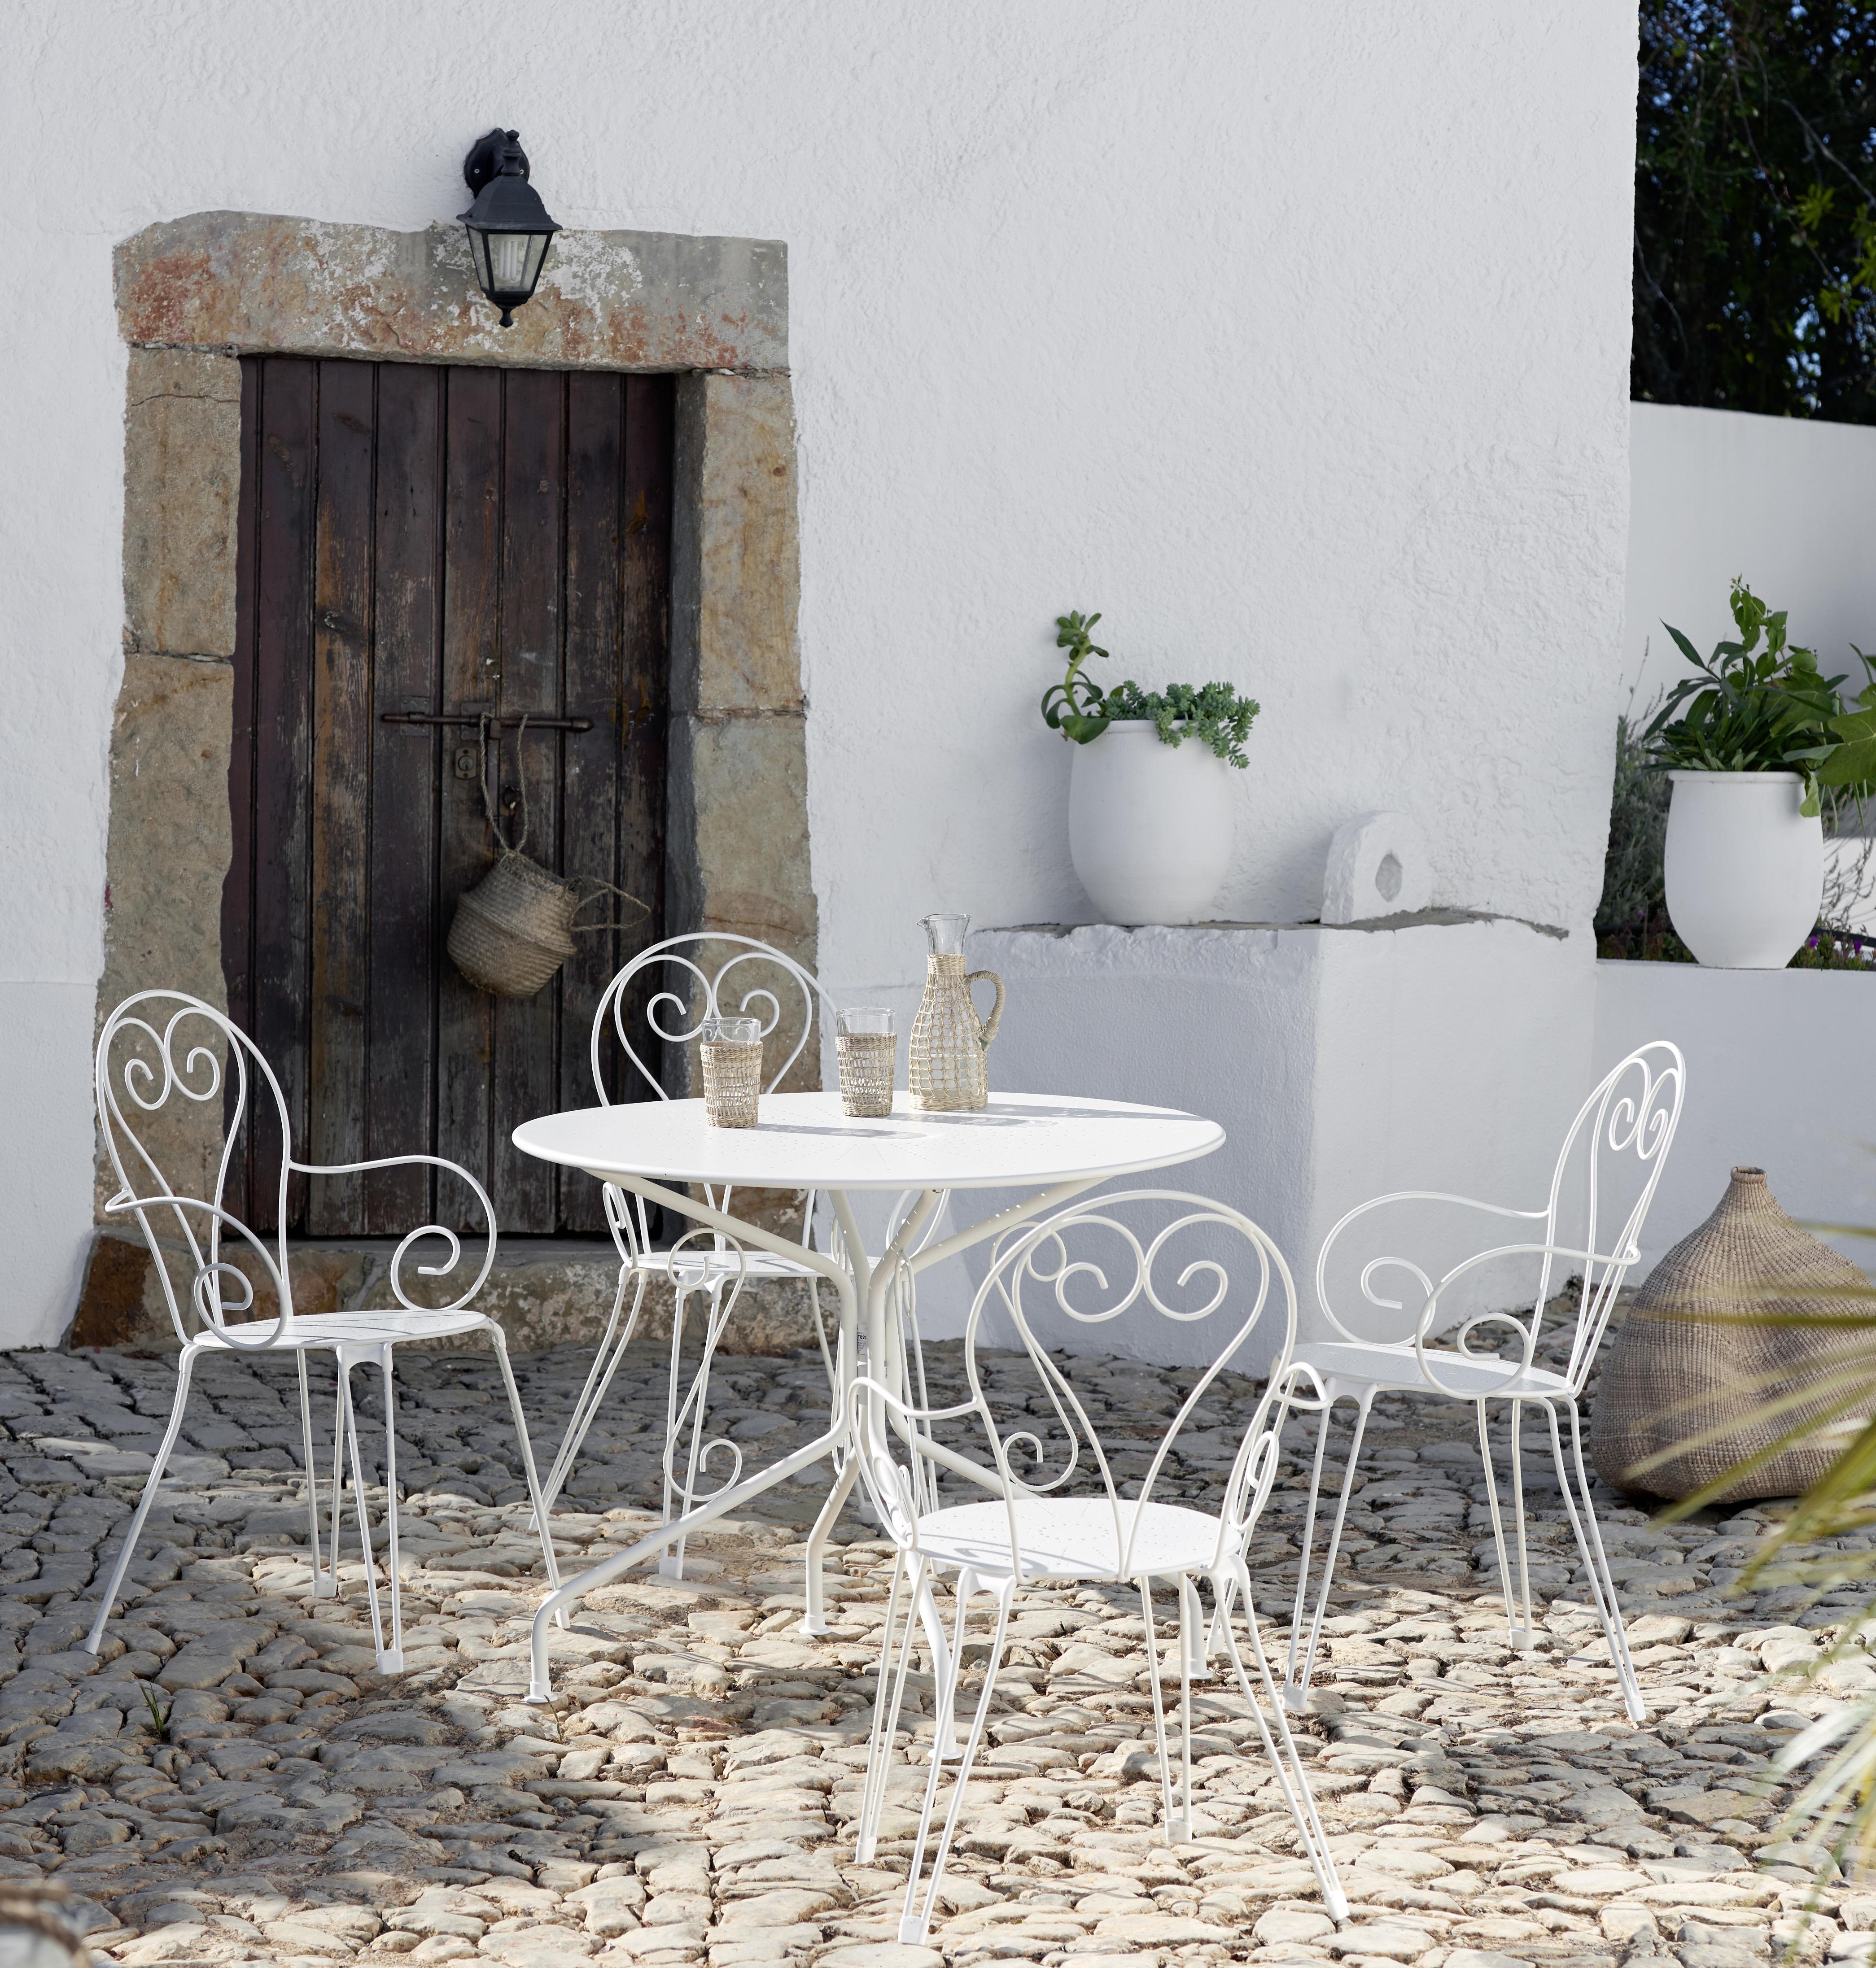 CARREFOUR - Table de jardin ronde romantique - Blanc - pas cher ...